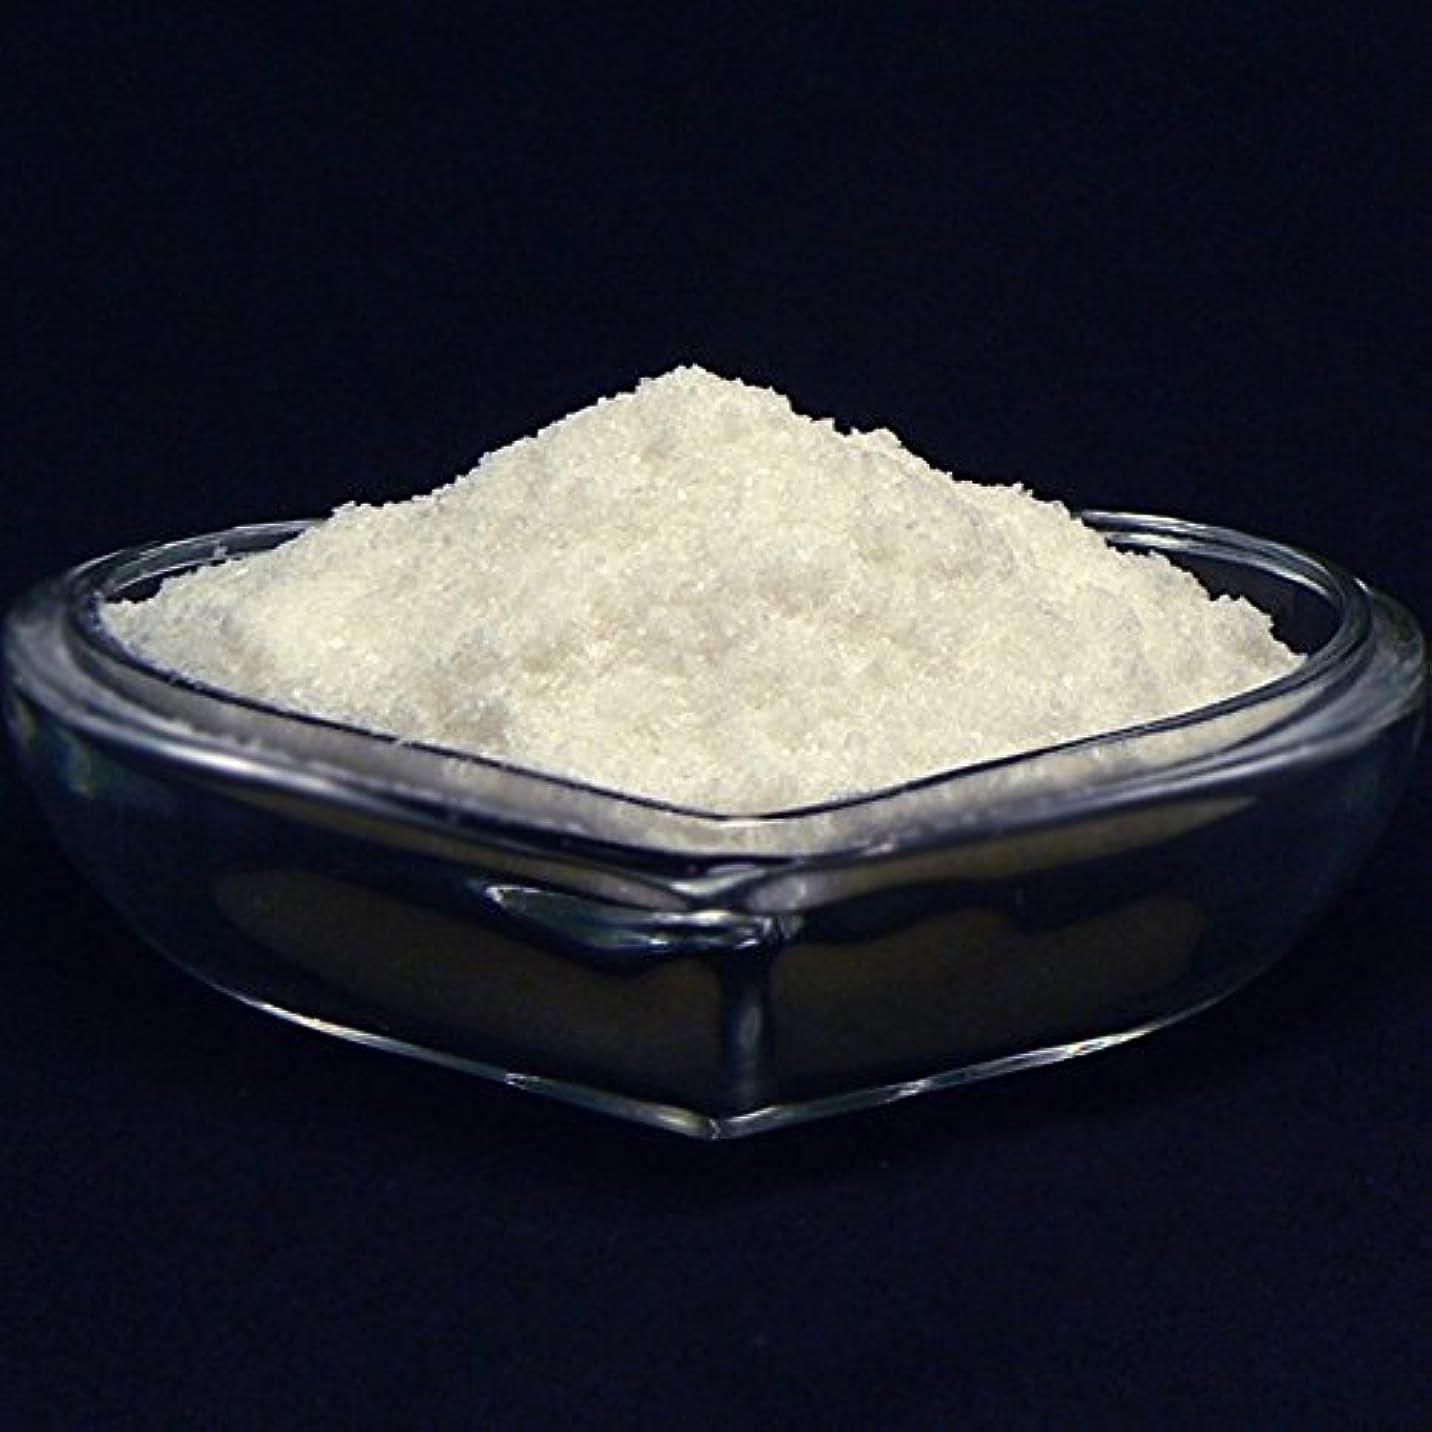 セットするミュウミュウ変装したヒマラヤ岩塩 クリスタルソルト 入浴用 バスソルト(パウダー)白岩塩 (1kg+250g増量)